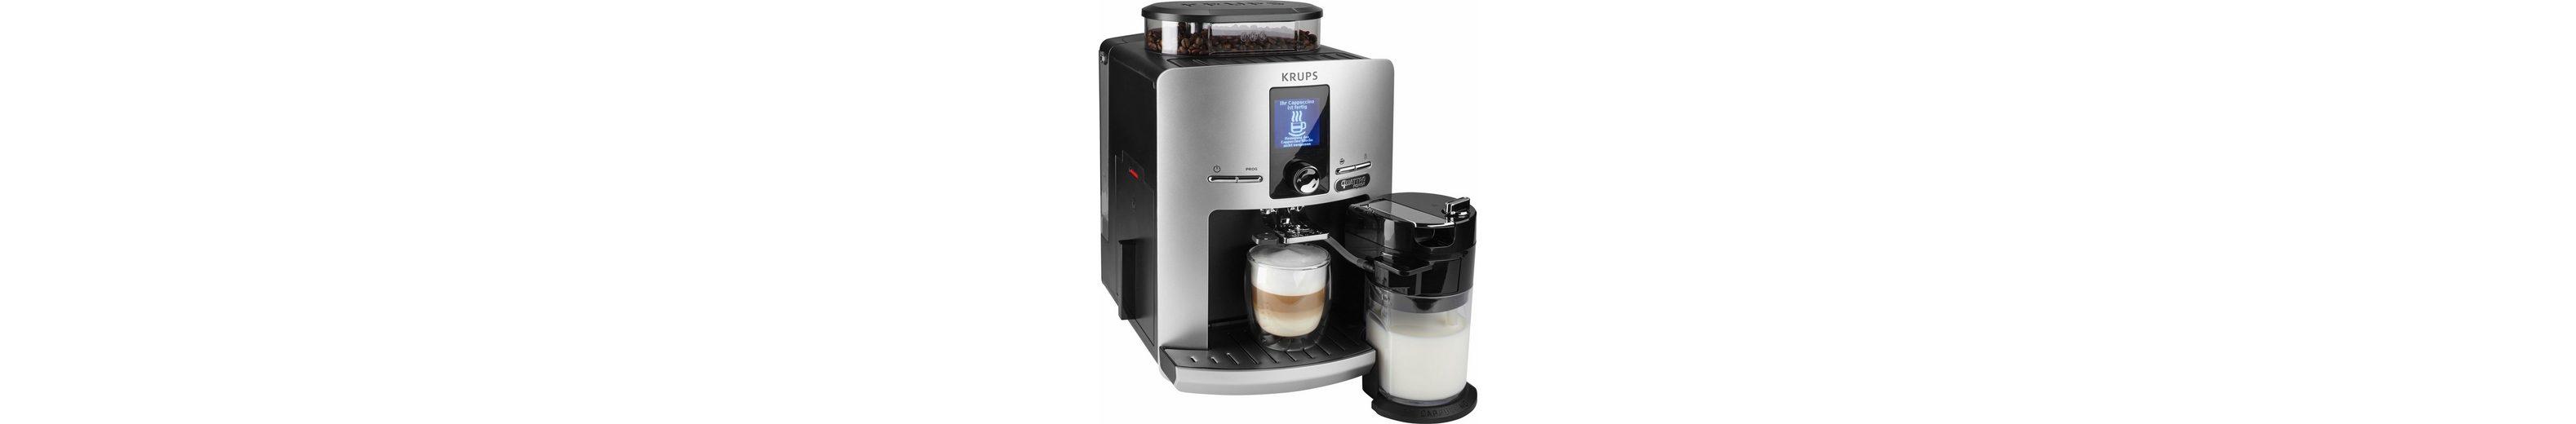 Krups Kaffeevollautomat EA82FE Latt'Espress Quattro Force, 50€ Gutschein geschenkt